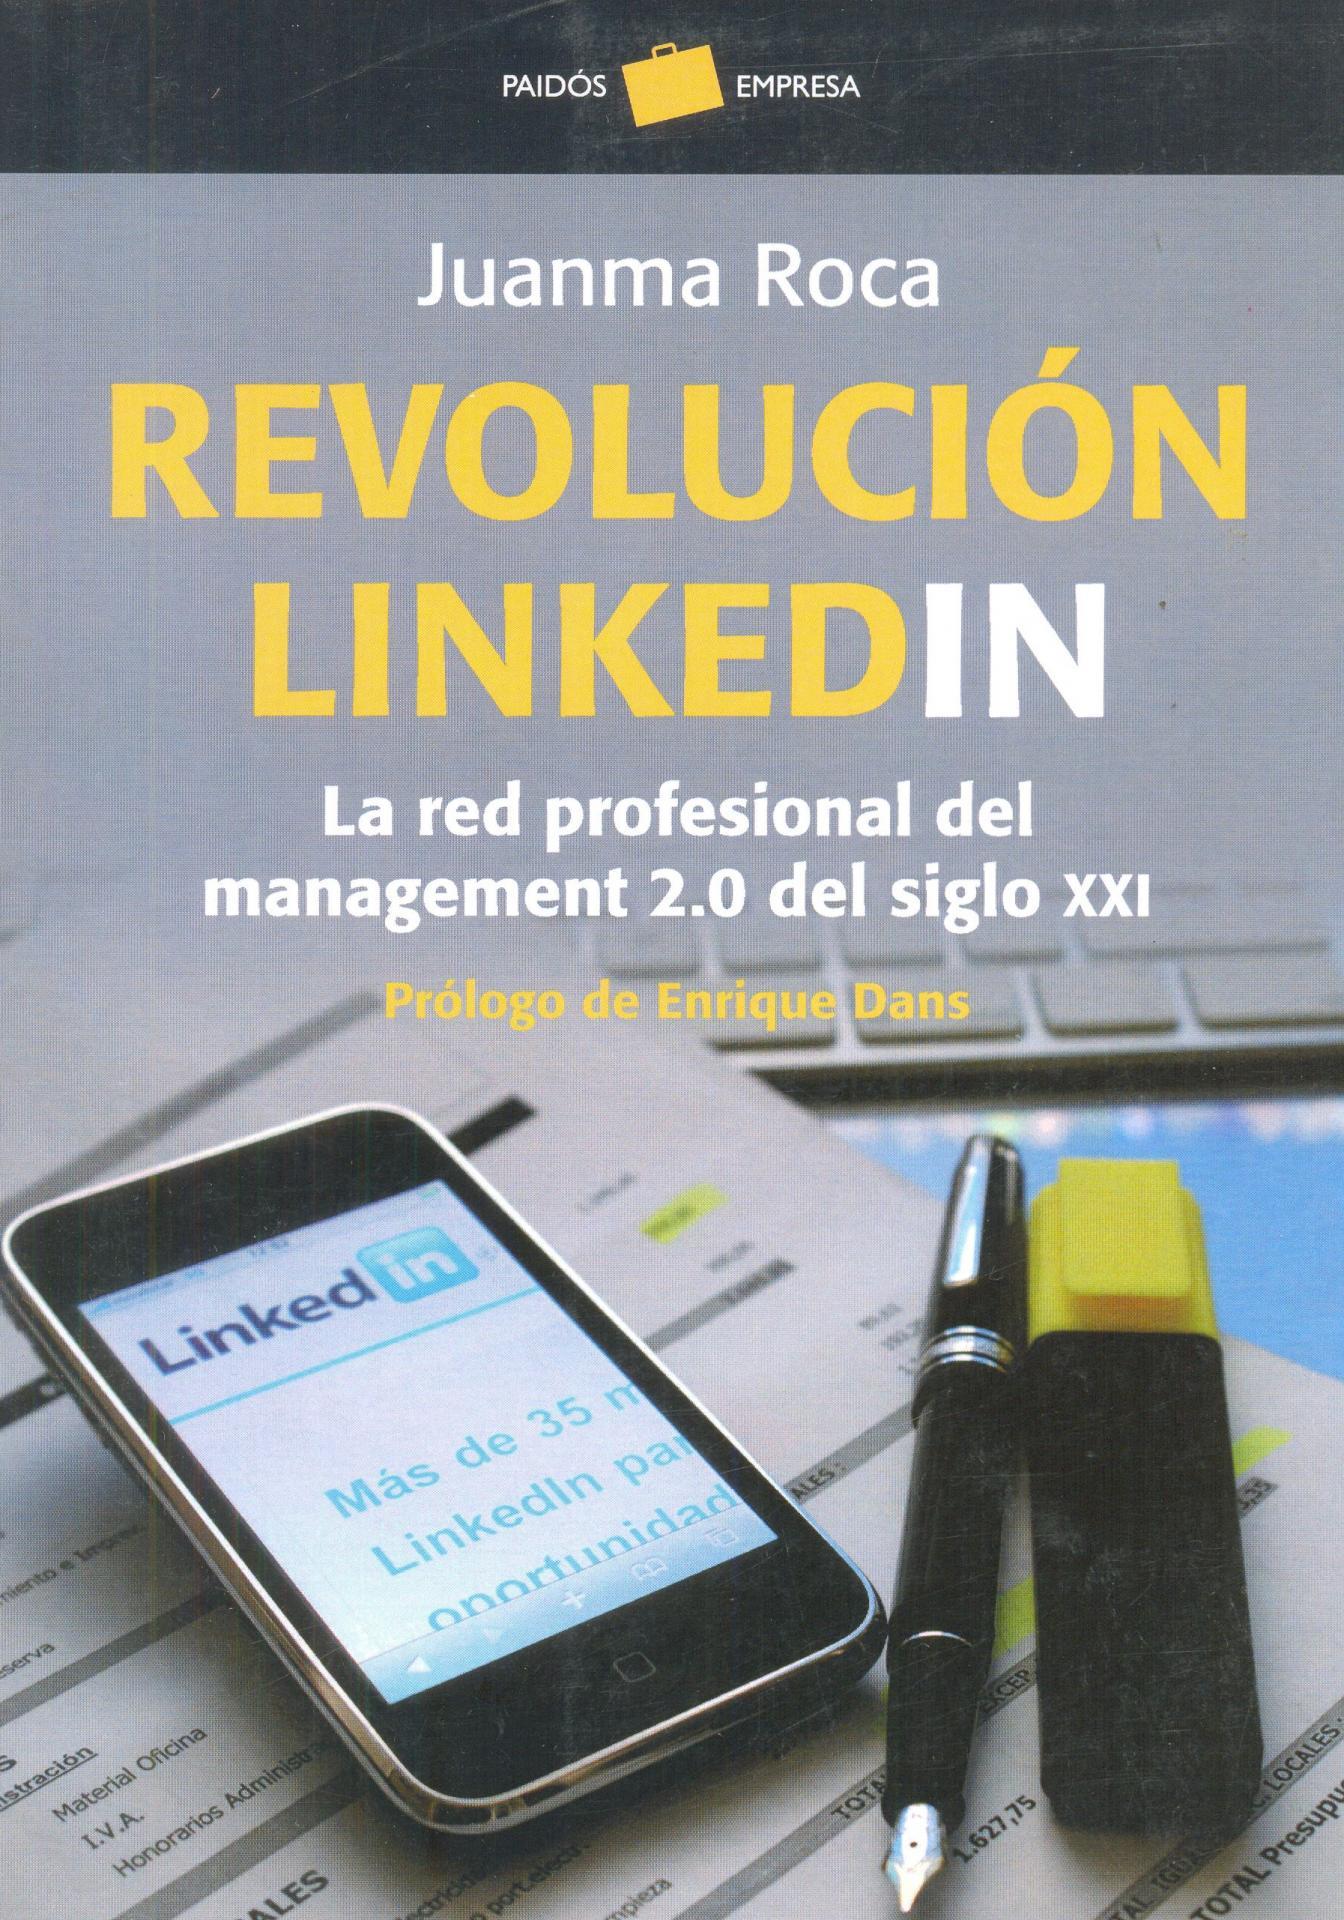 LA REVOLUCIÓN LINKEDIN. La red profesional del manage- ment 2.0 del siglo XXI. Roca, J.